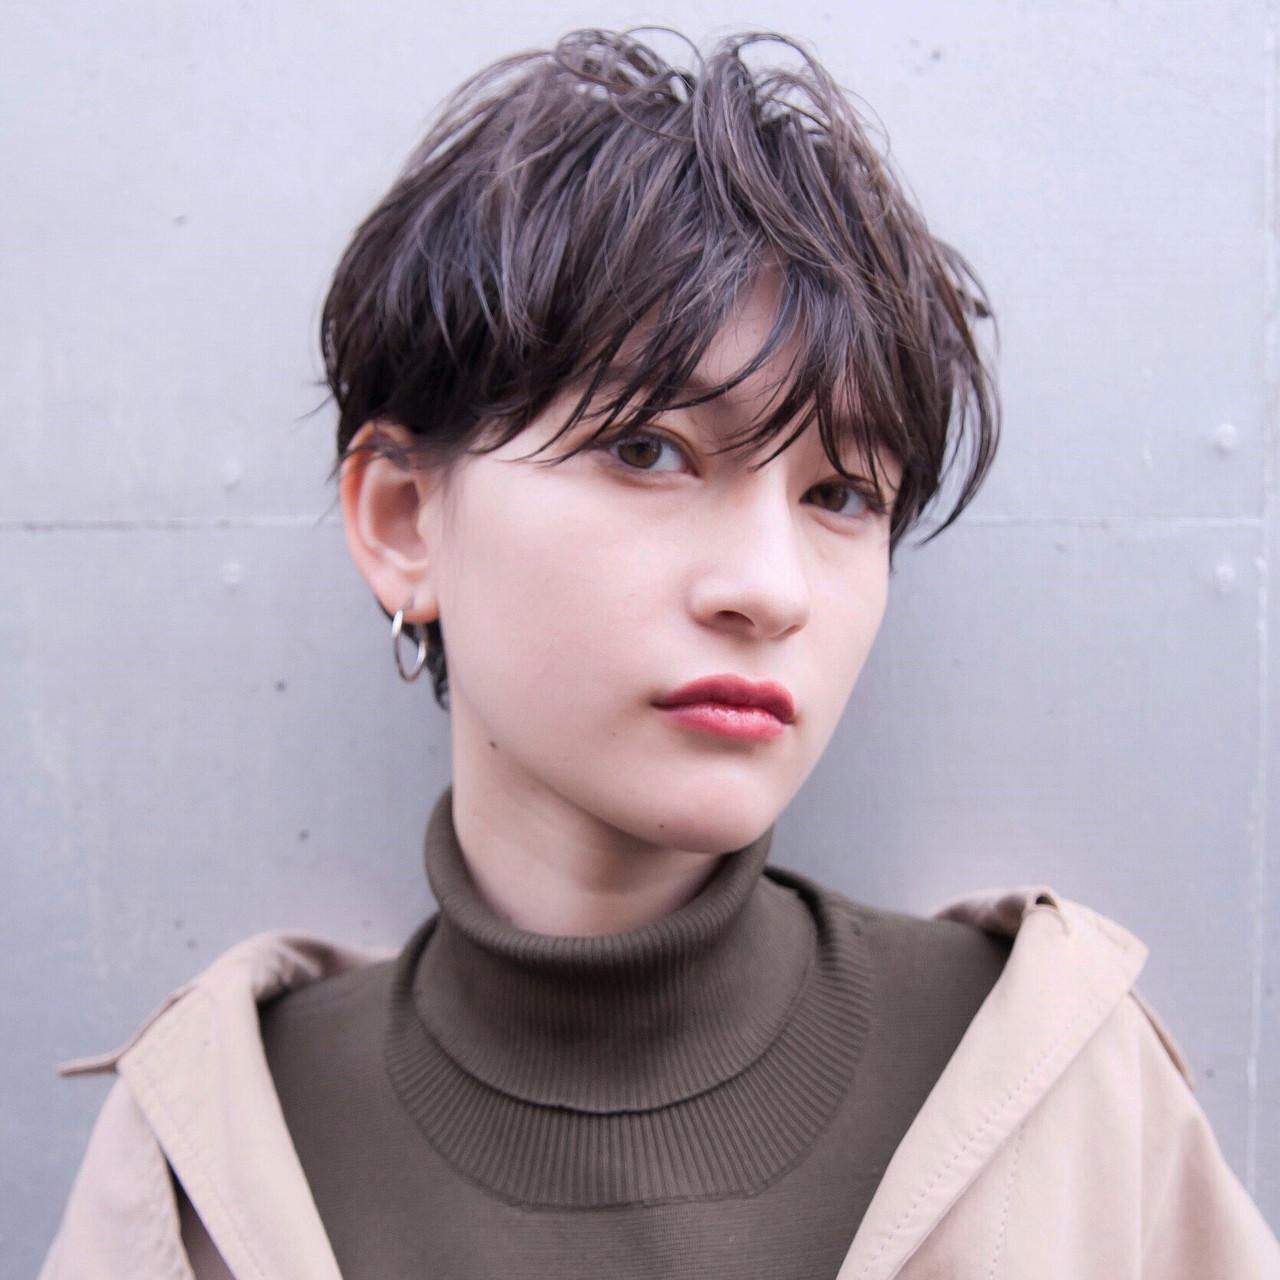 ショートヘア グレージュ ベリーショート ショート ヘアスタイルや髪型の写真・画像